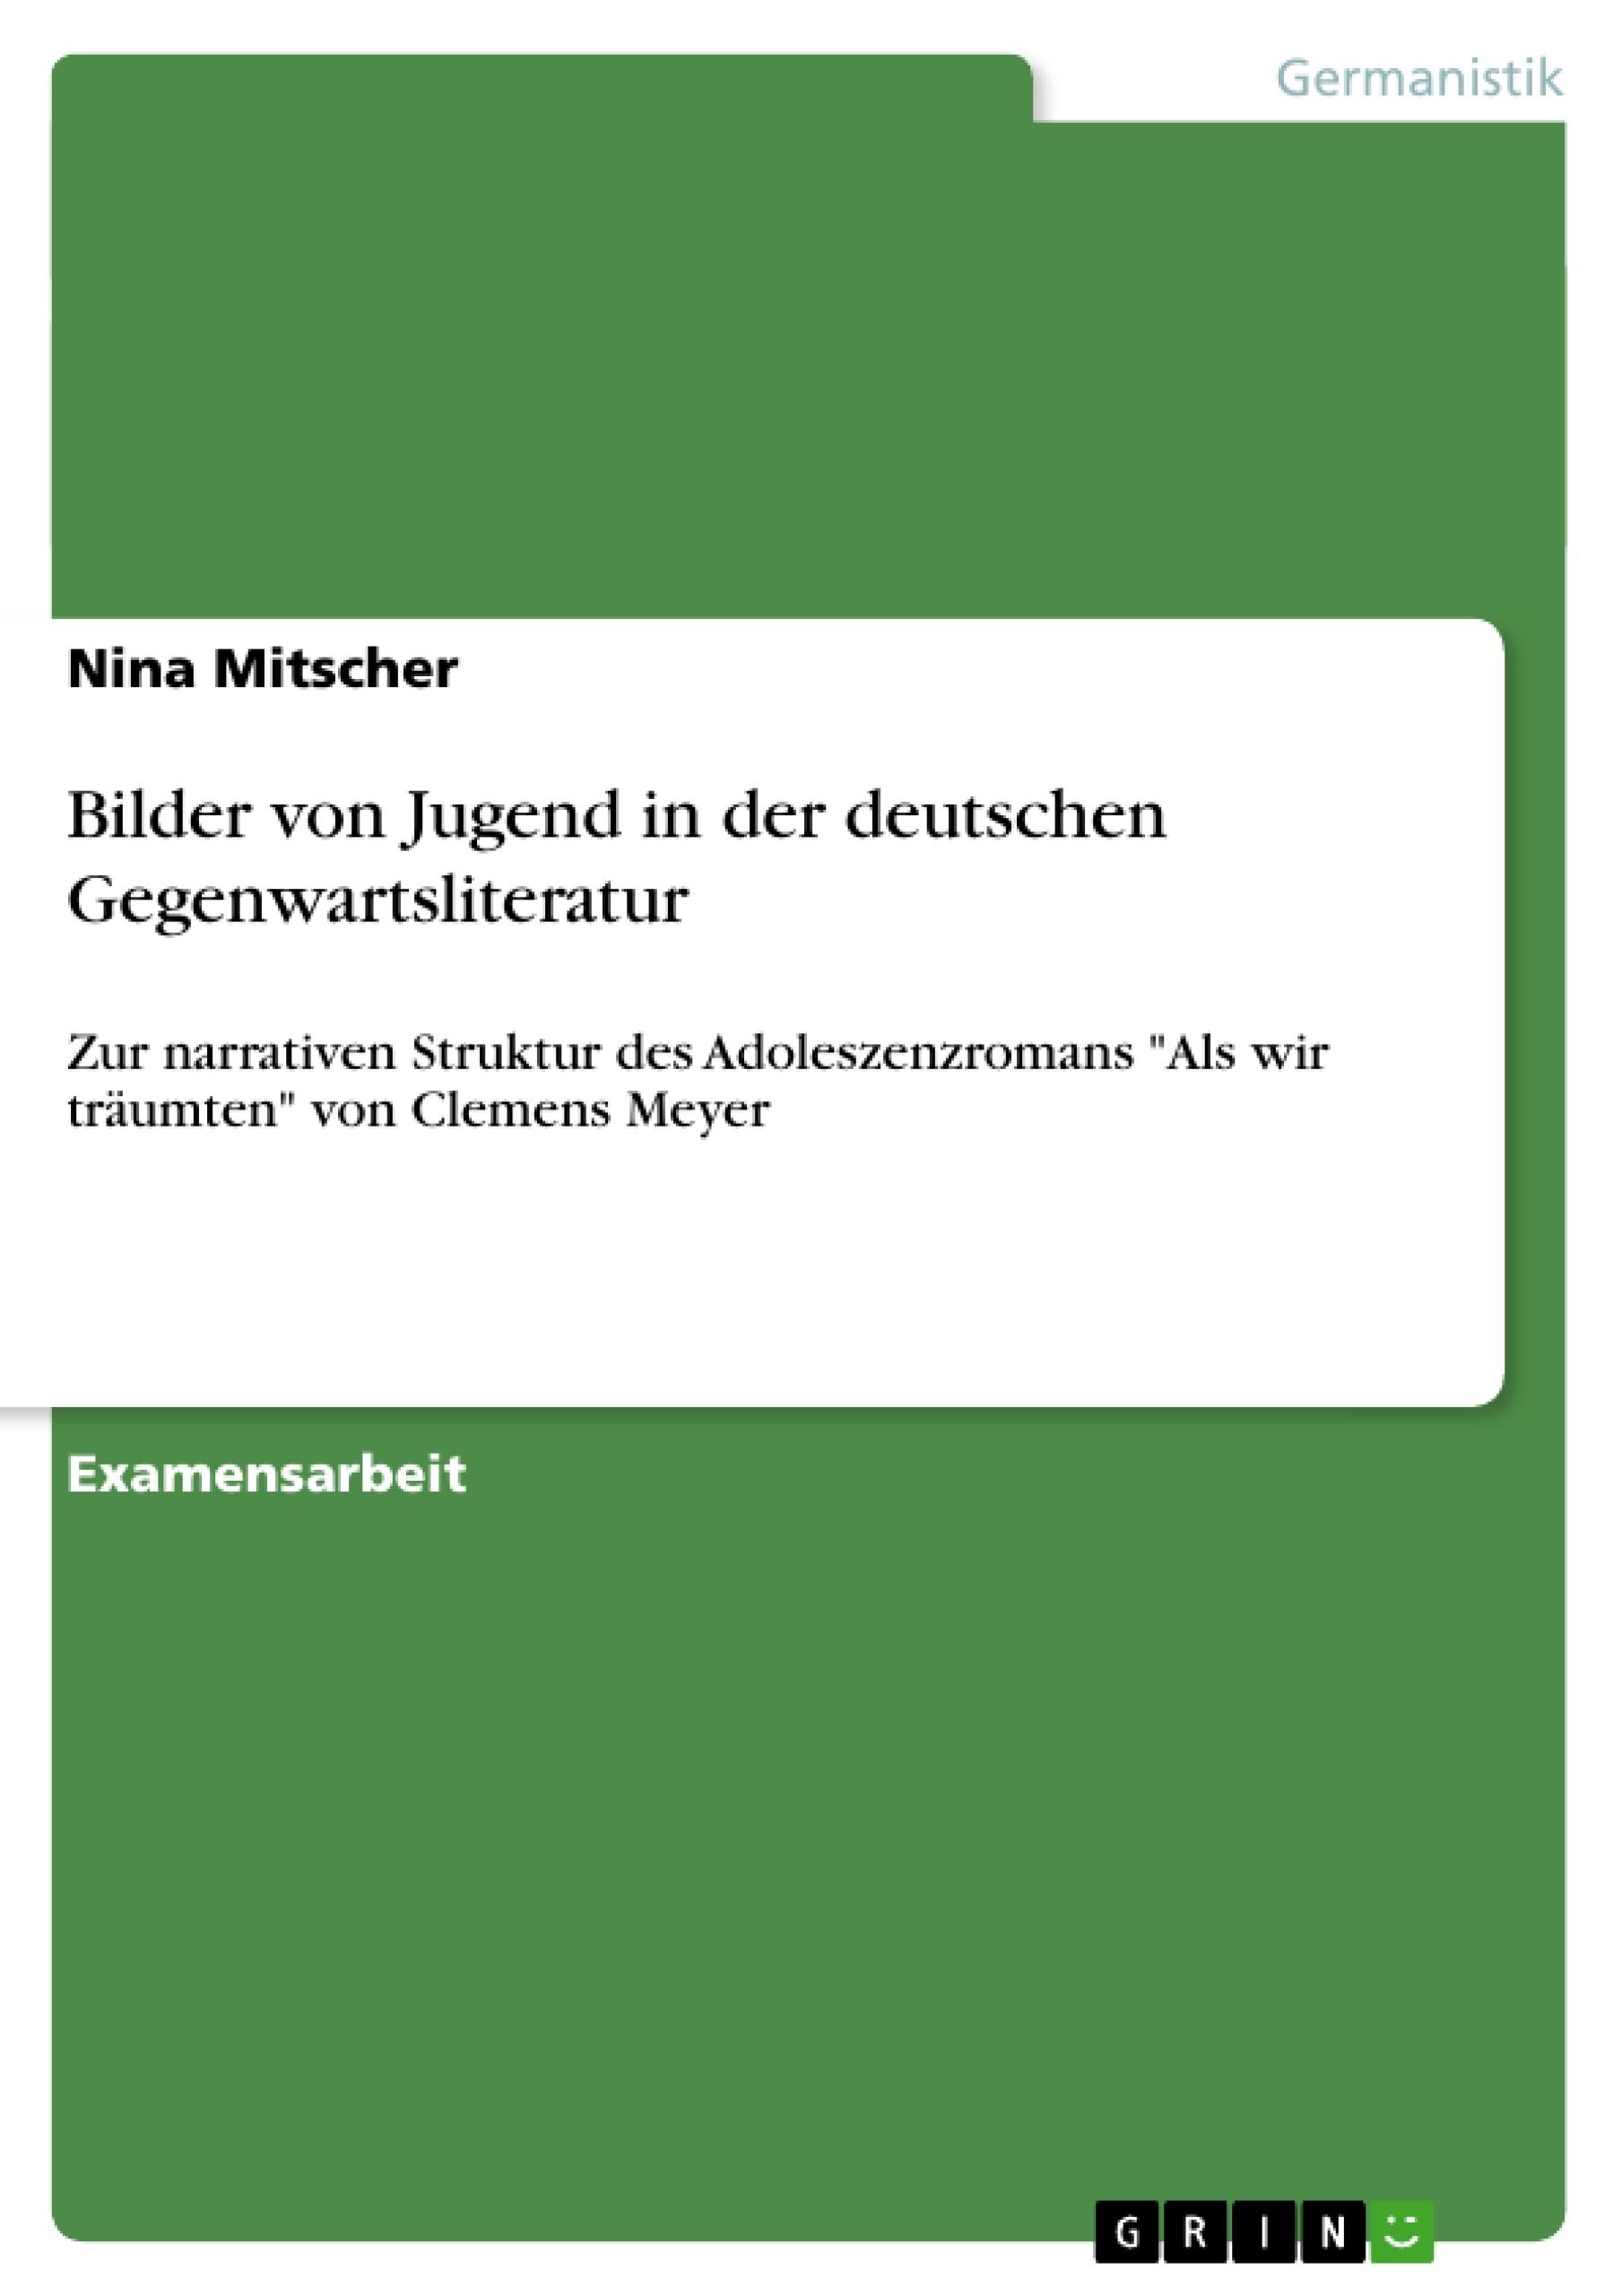 Titel: Bilder von Jugend in der deutschen Gegenwartsliteratur